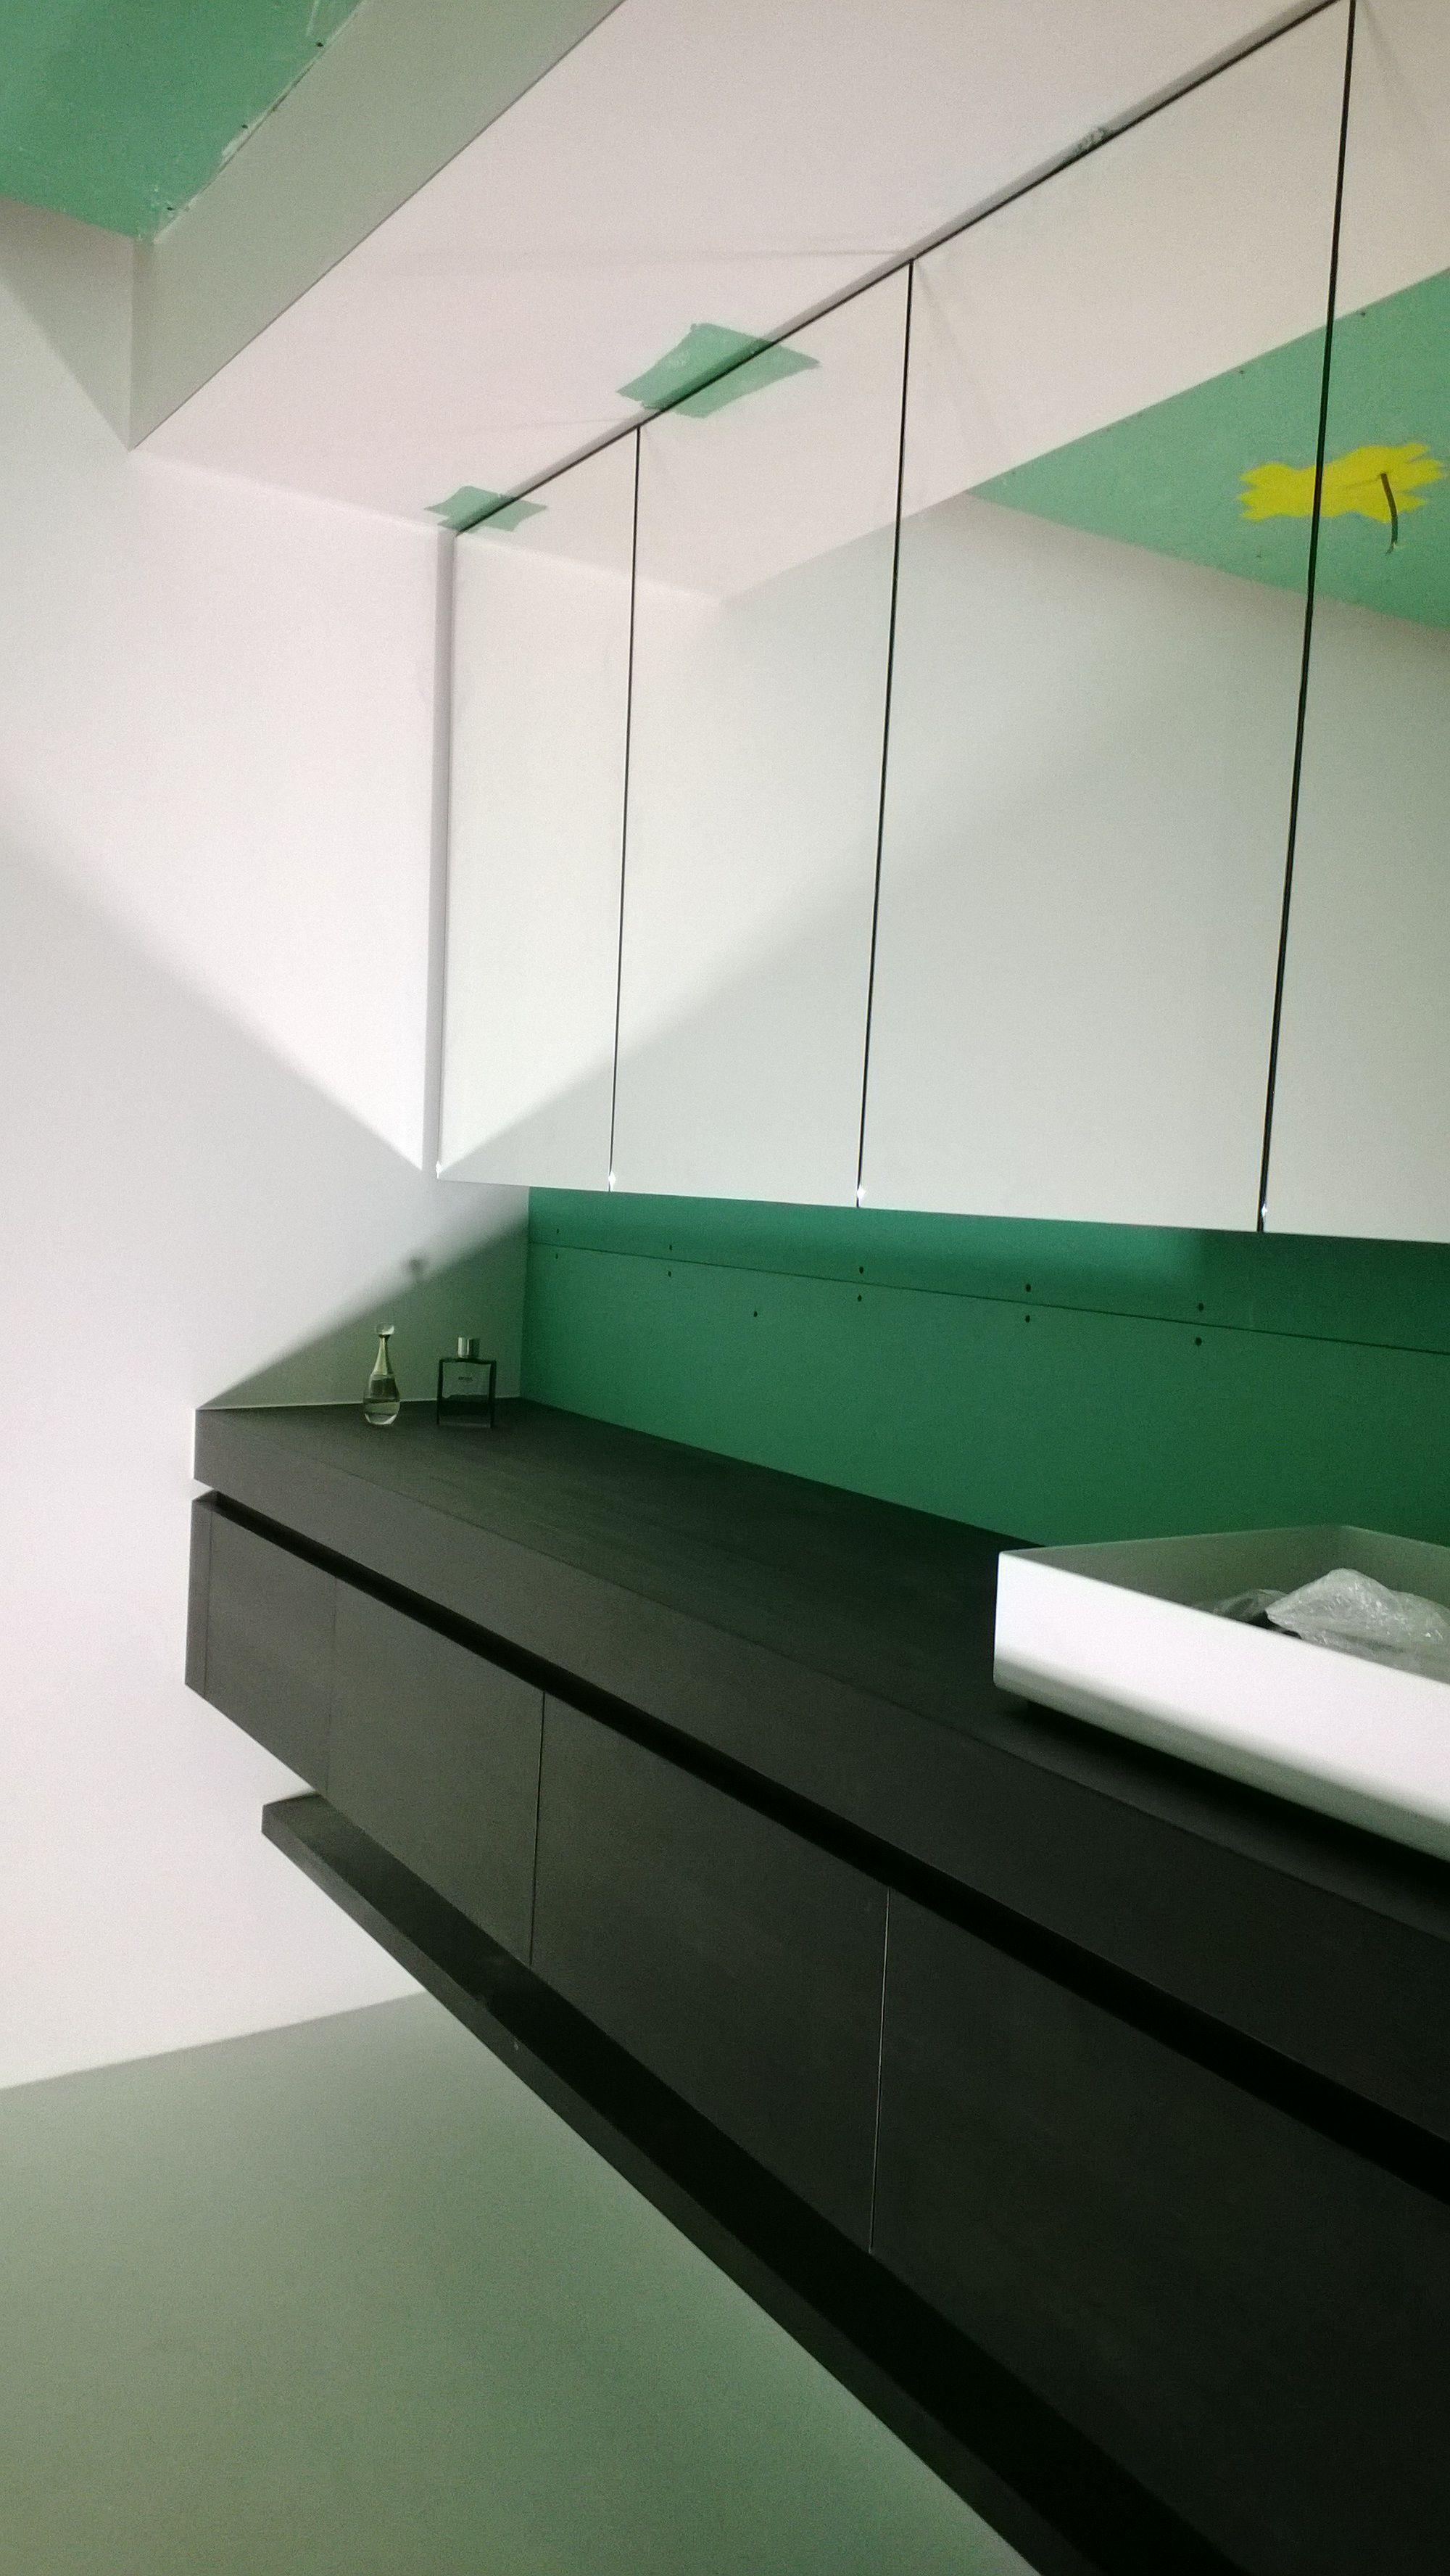 zwevend badkamermeubel met bank eronder meubel bestaat uit laden